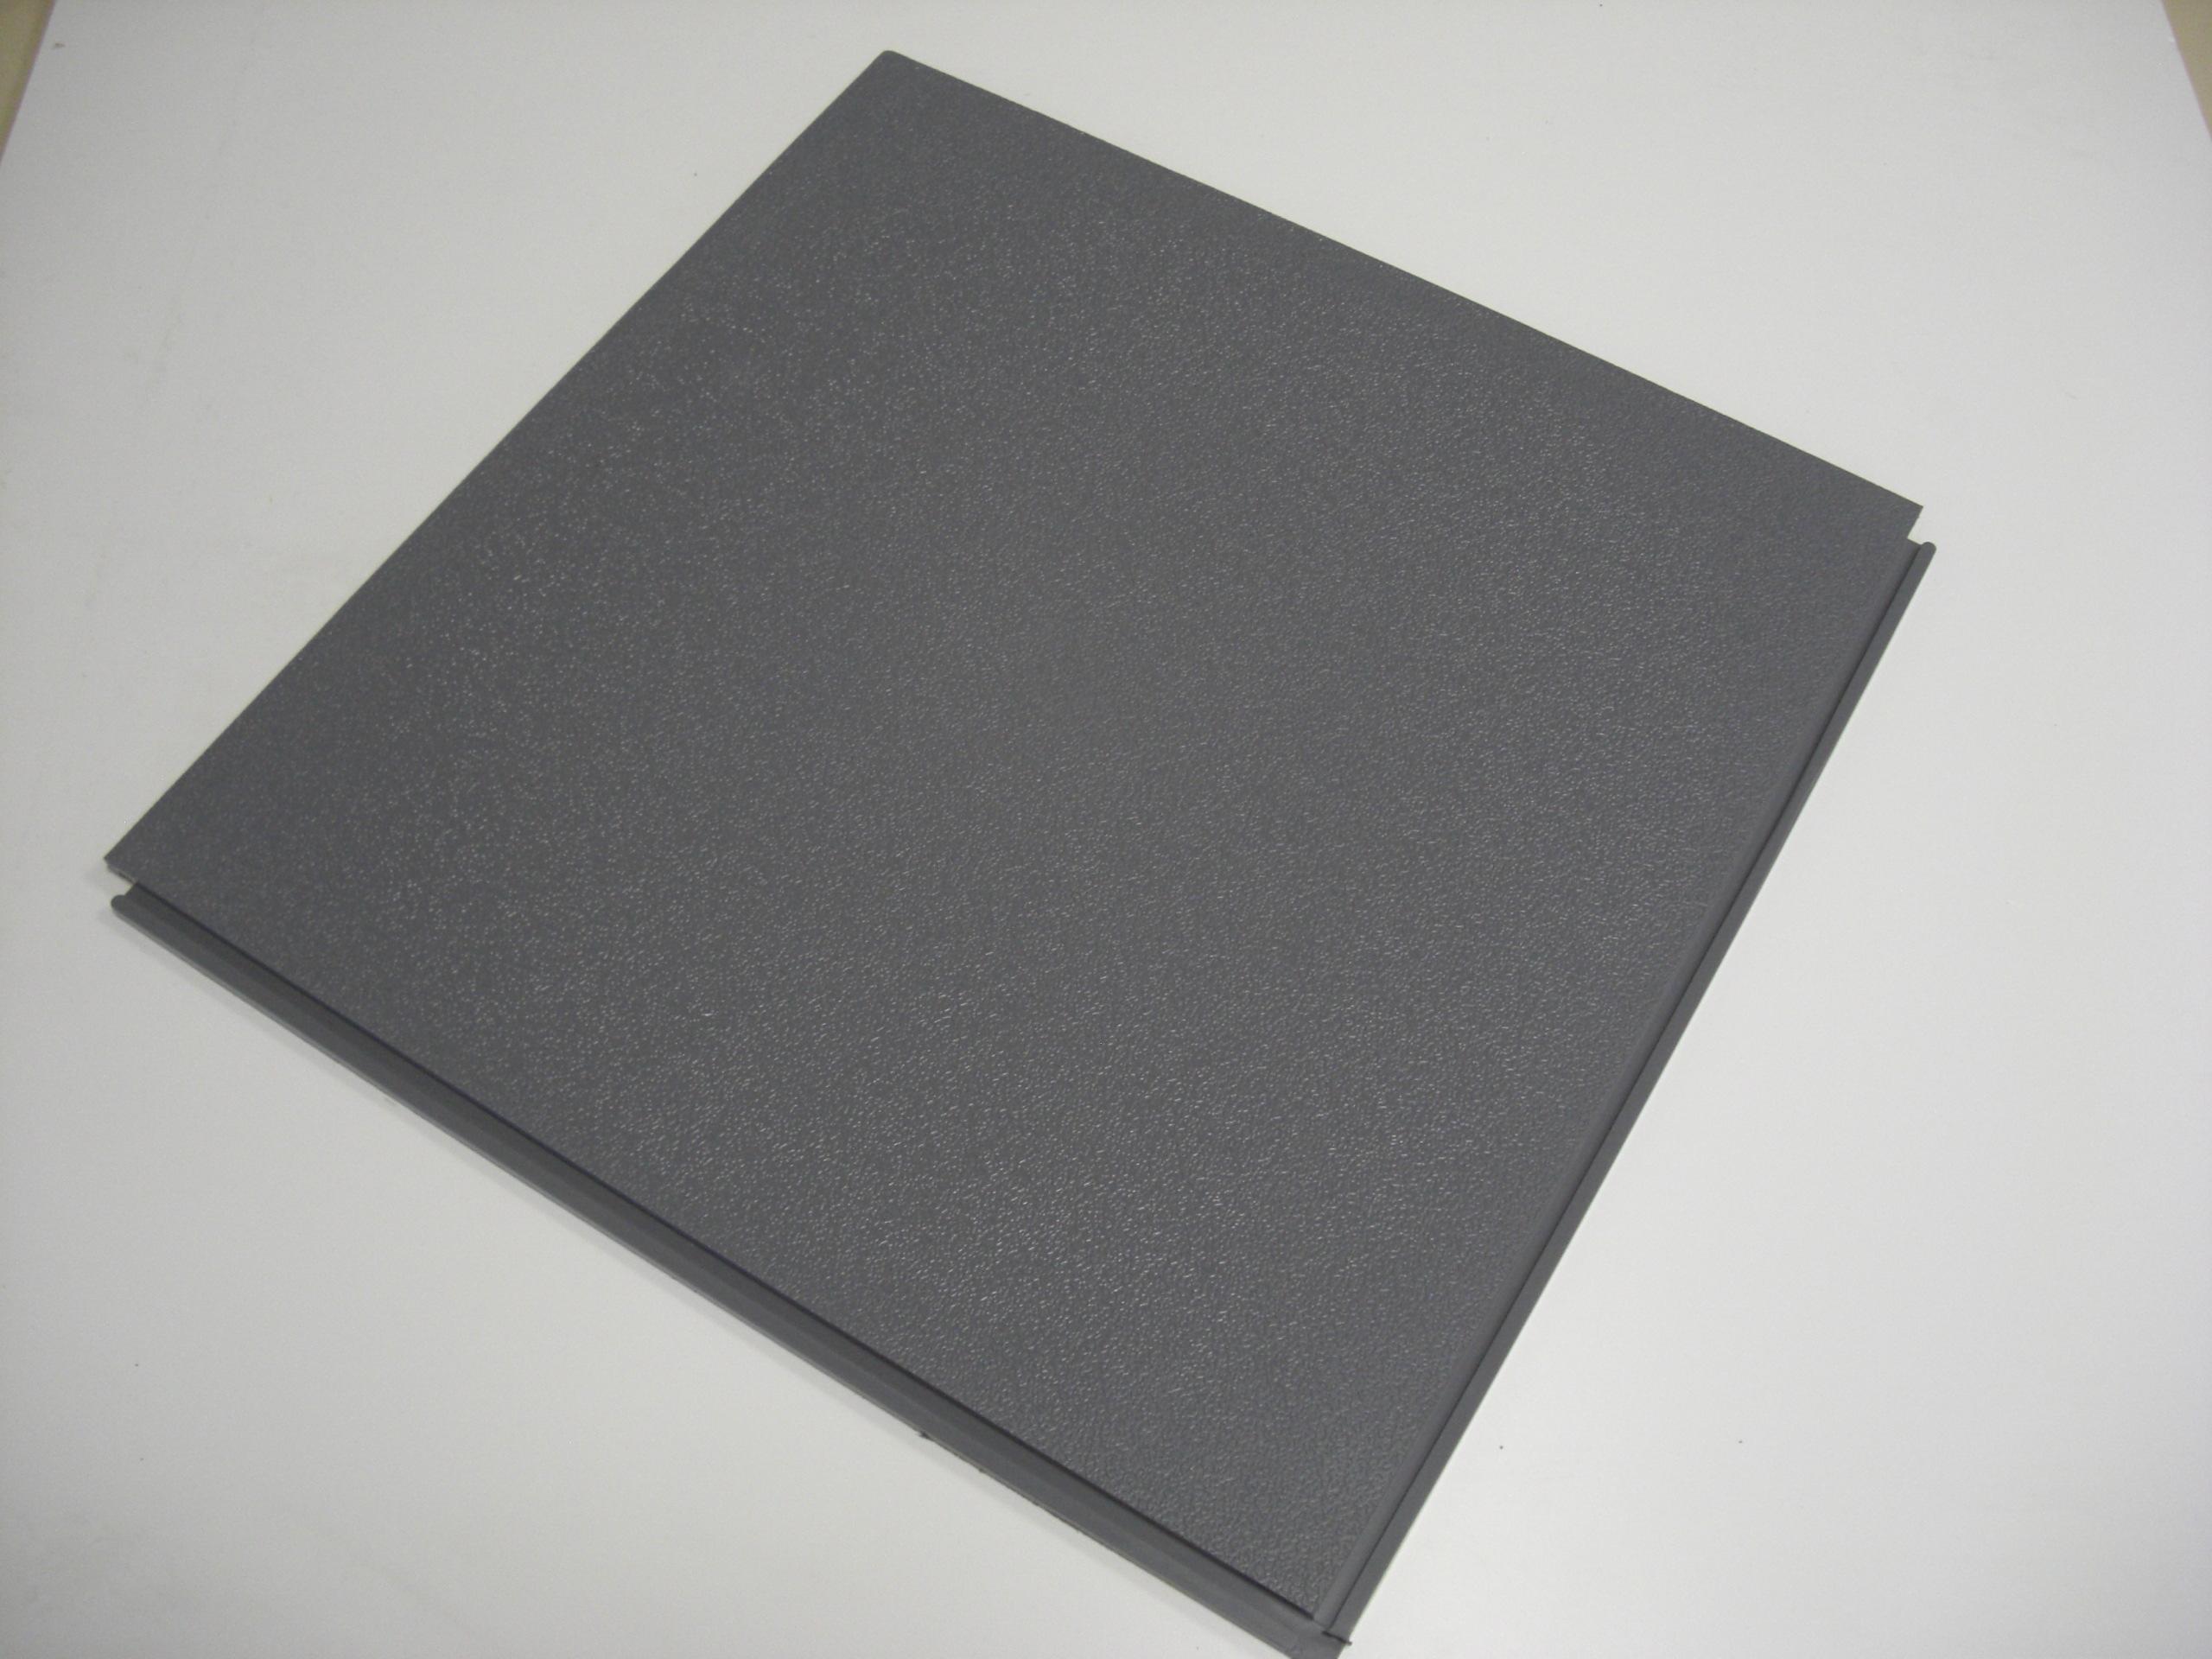 Pvc Tegels Garage : Mv st grijs pvc vloertegels ideaal voor uw garage en of